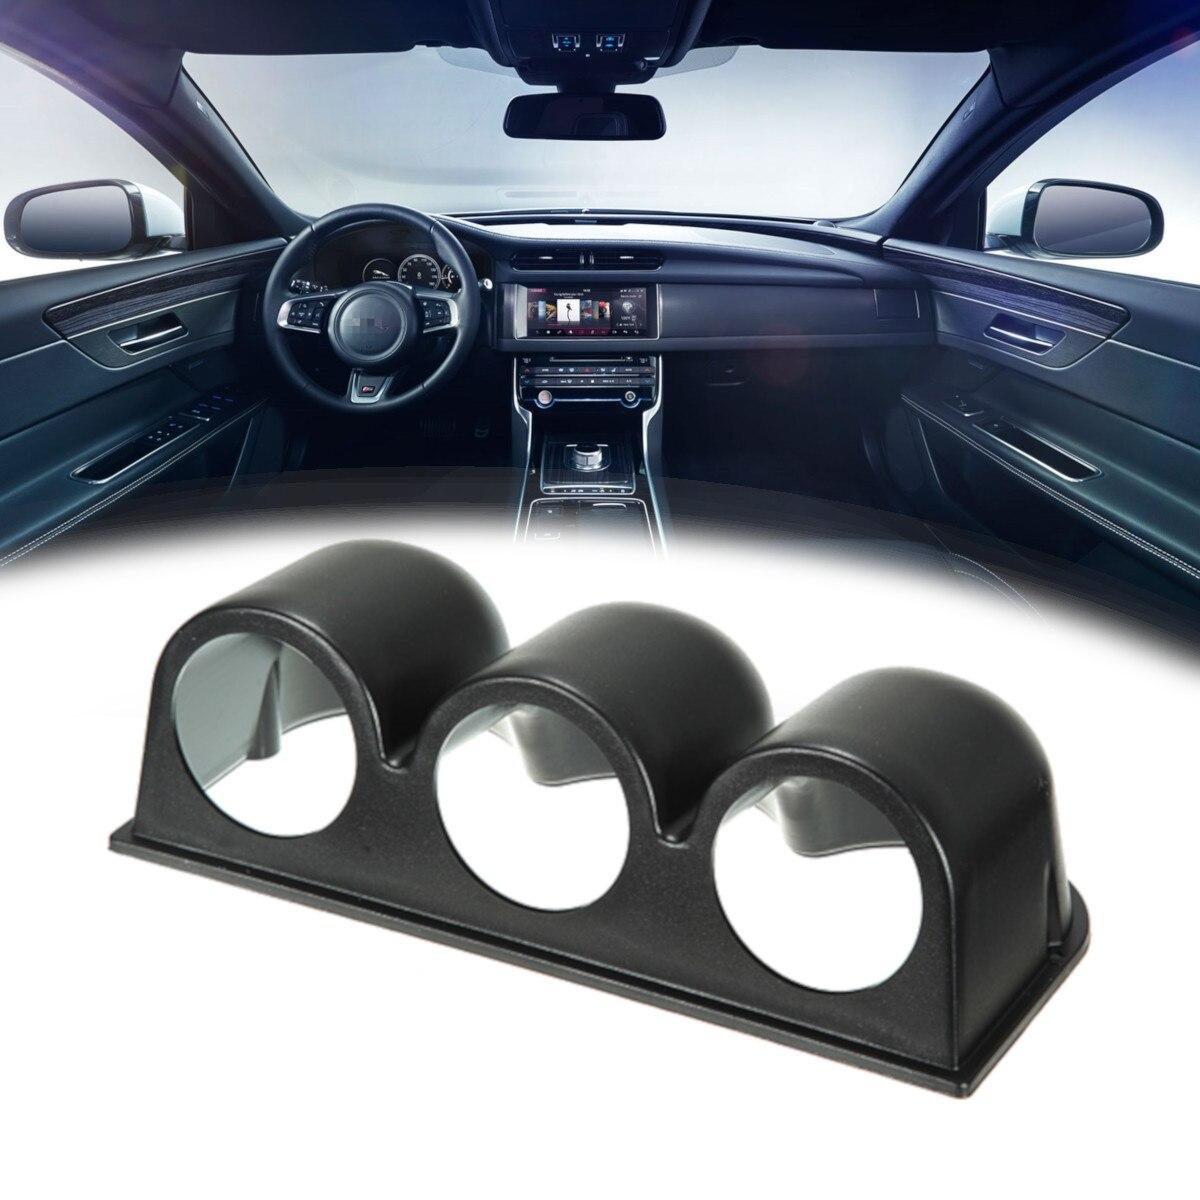 Car Dash Gauge Holder Pod Mount for Vehicle Car Truck Black 2 52mm Universal Single Hole Dashboard Gauge Mount